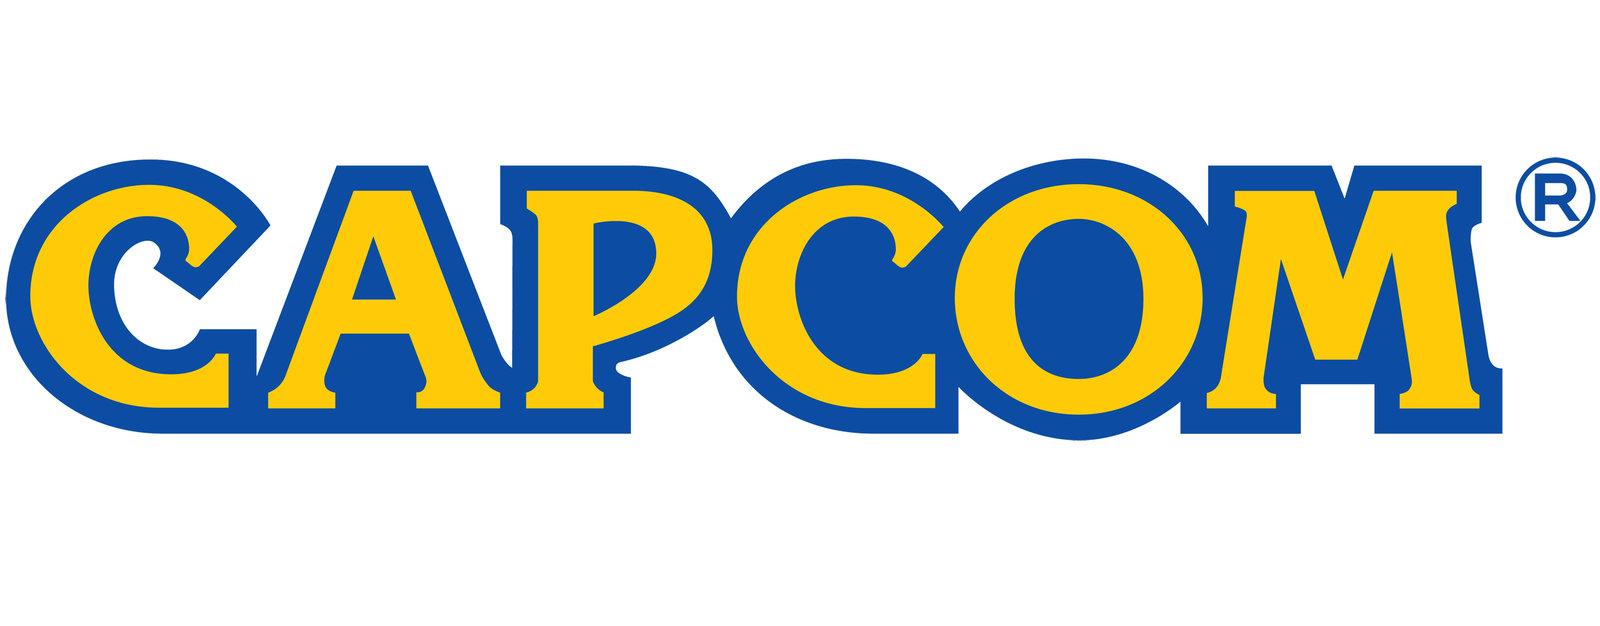 Funcionário da Capcom recebe resultado positivo para COVID-19